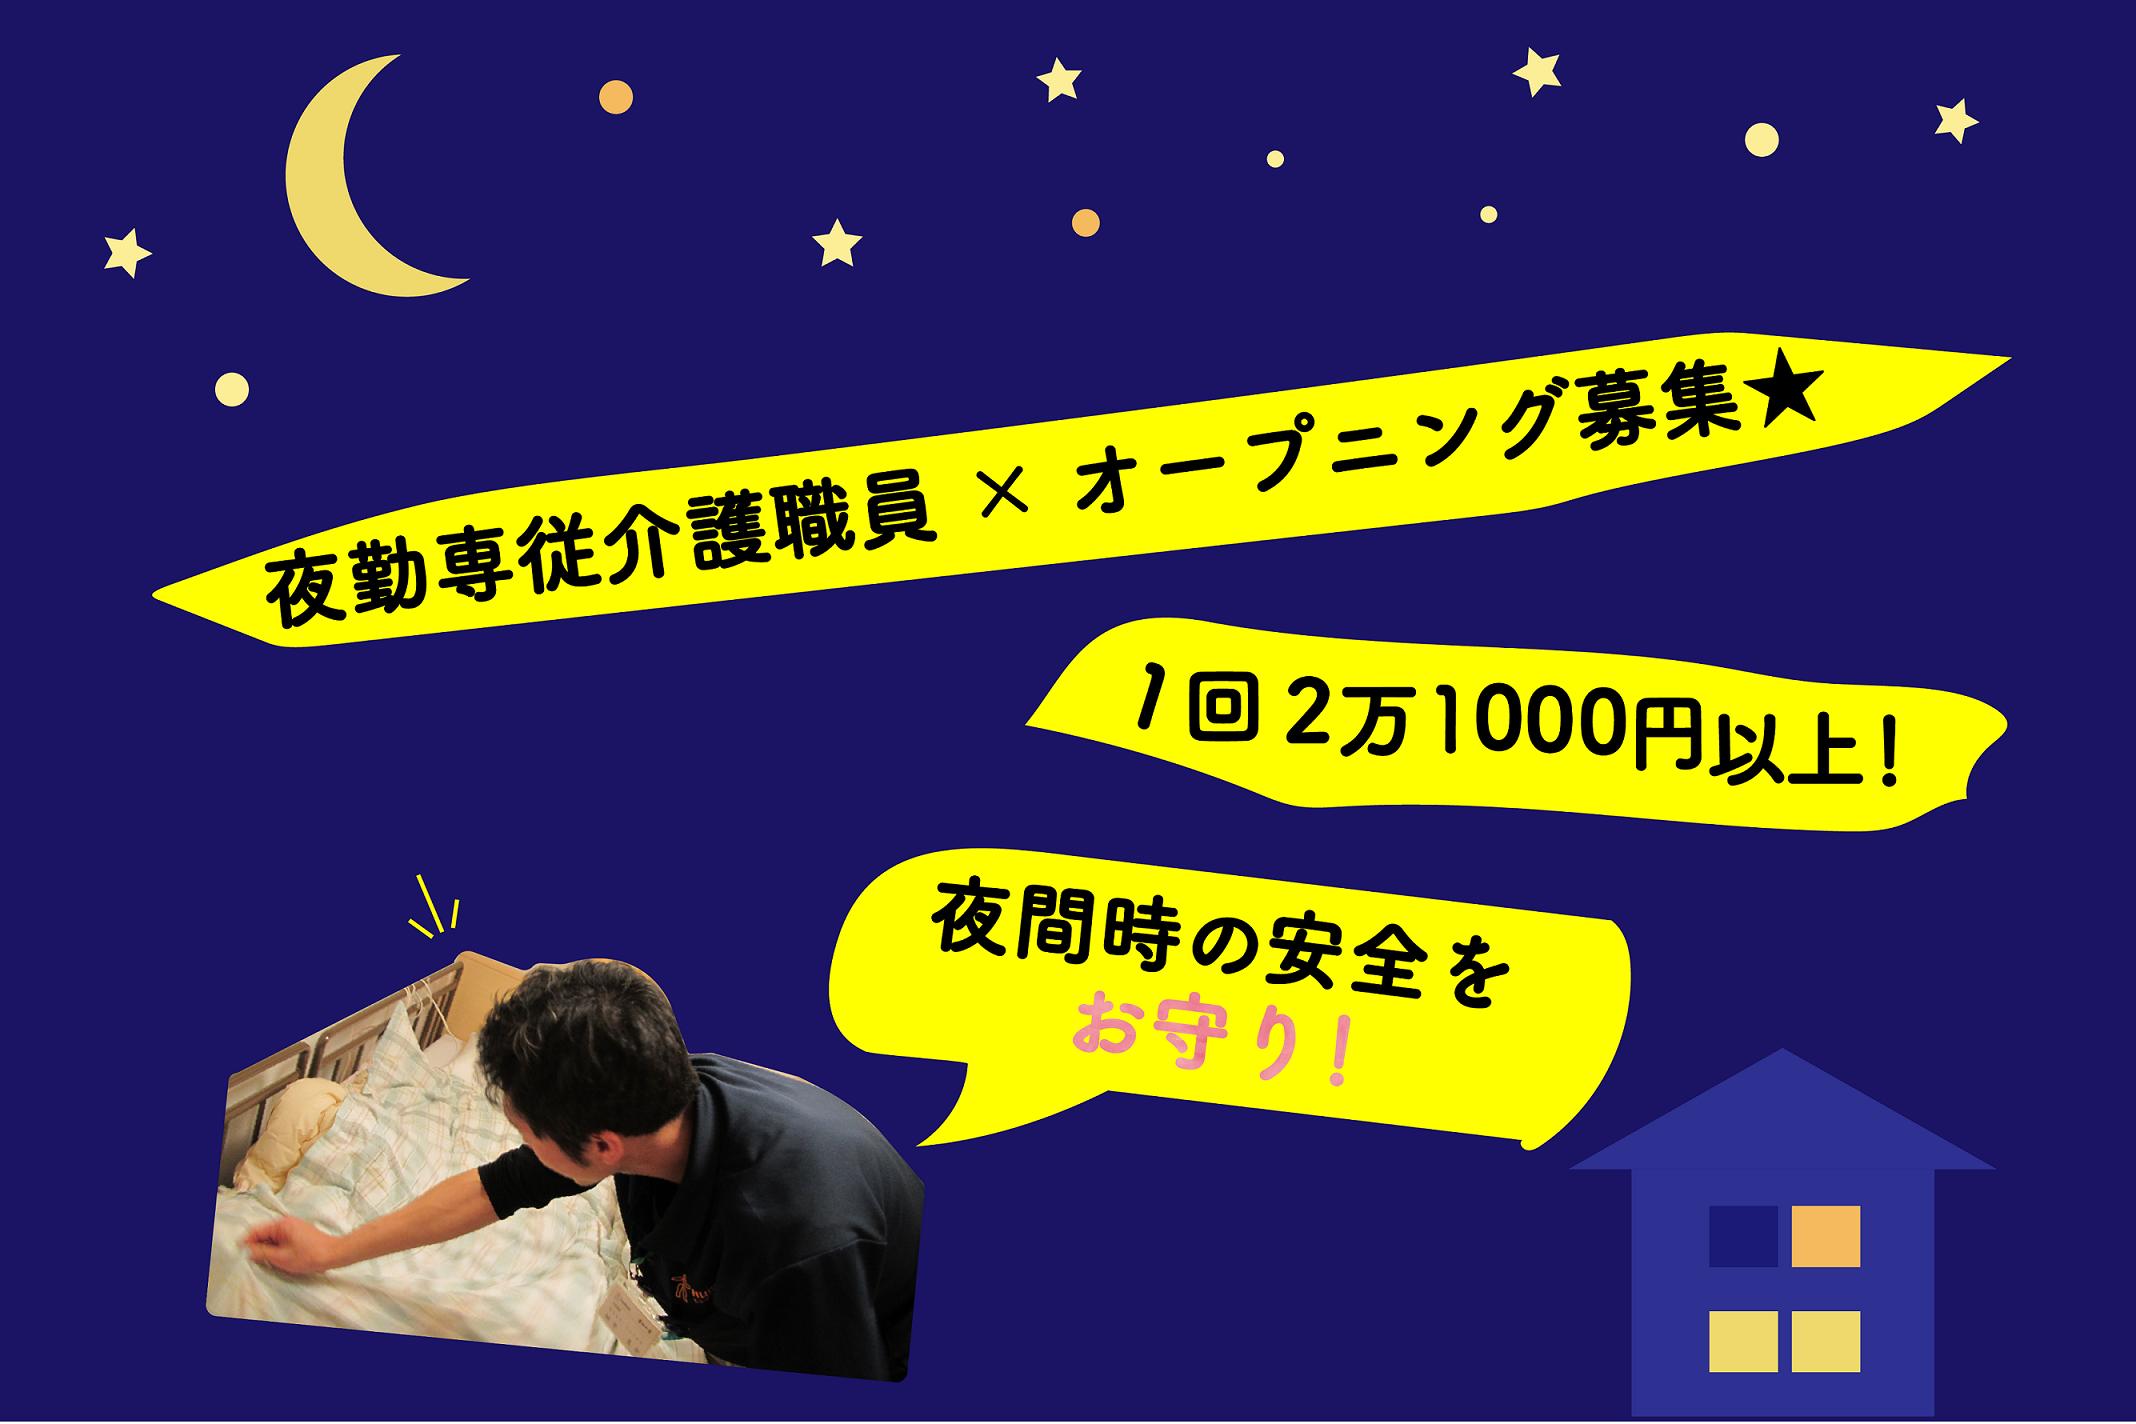 【パート】船橋市/グループホーム介護職員(夜勤専従)/有資格者